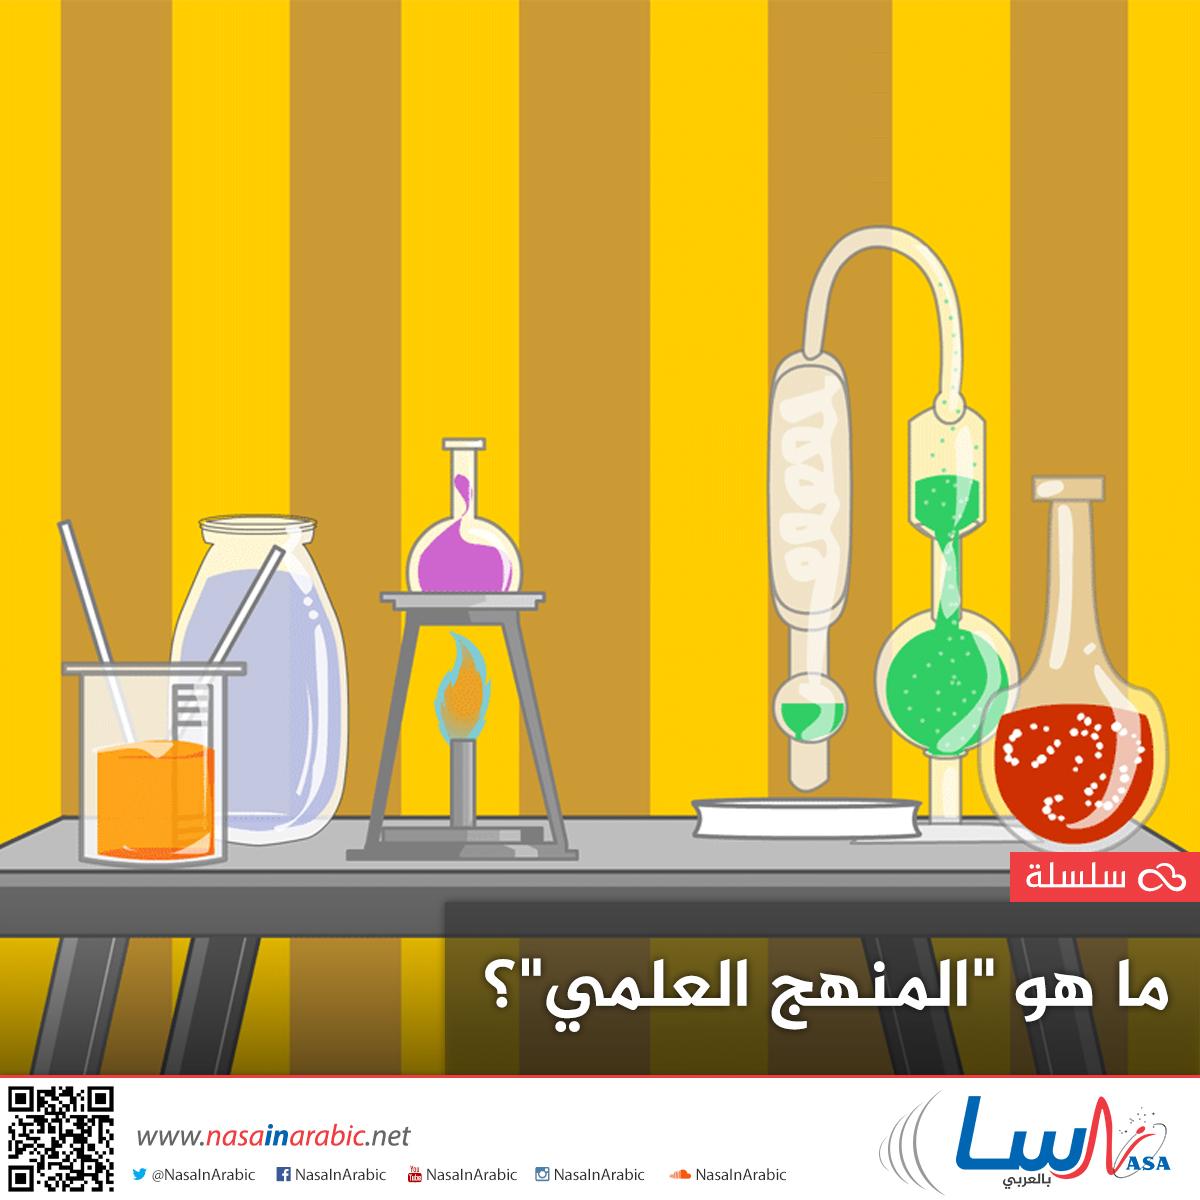 ما هو المنهج العلمي